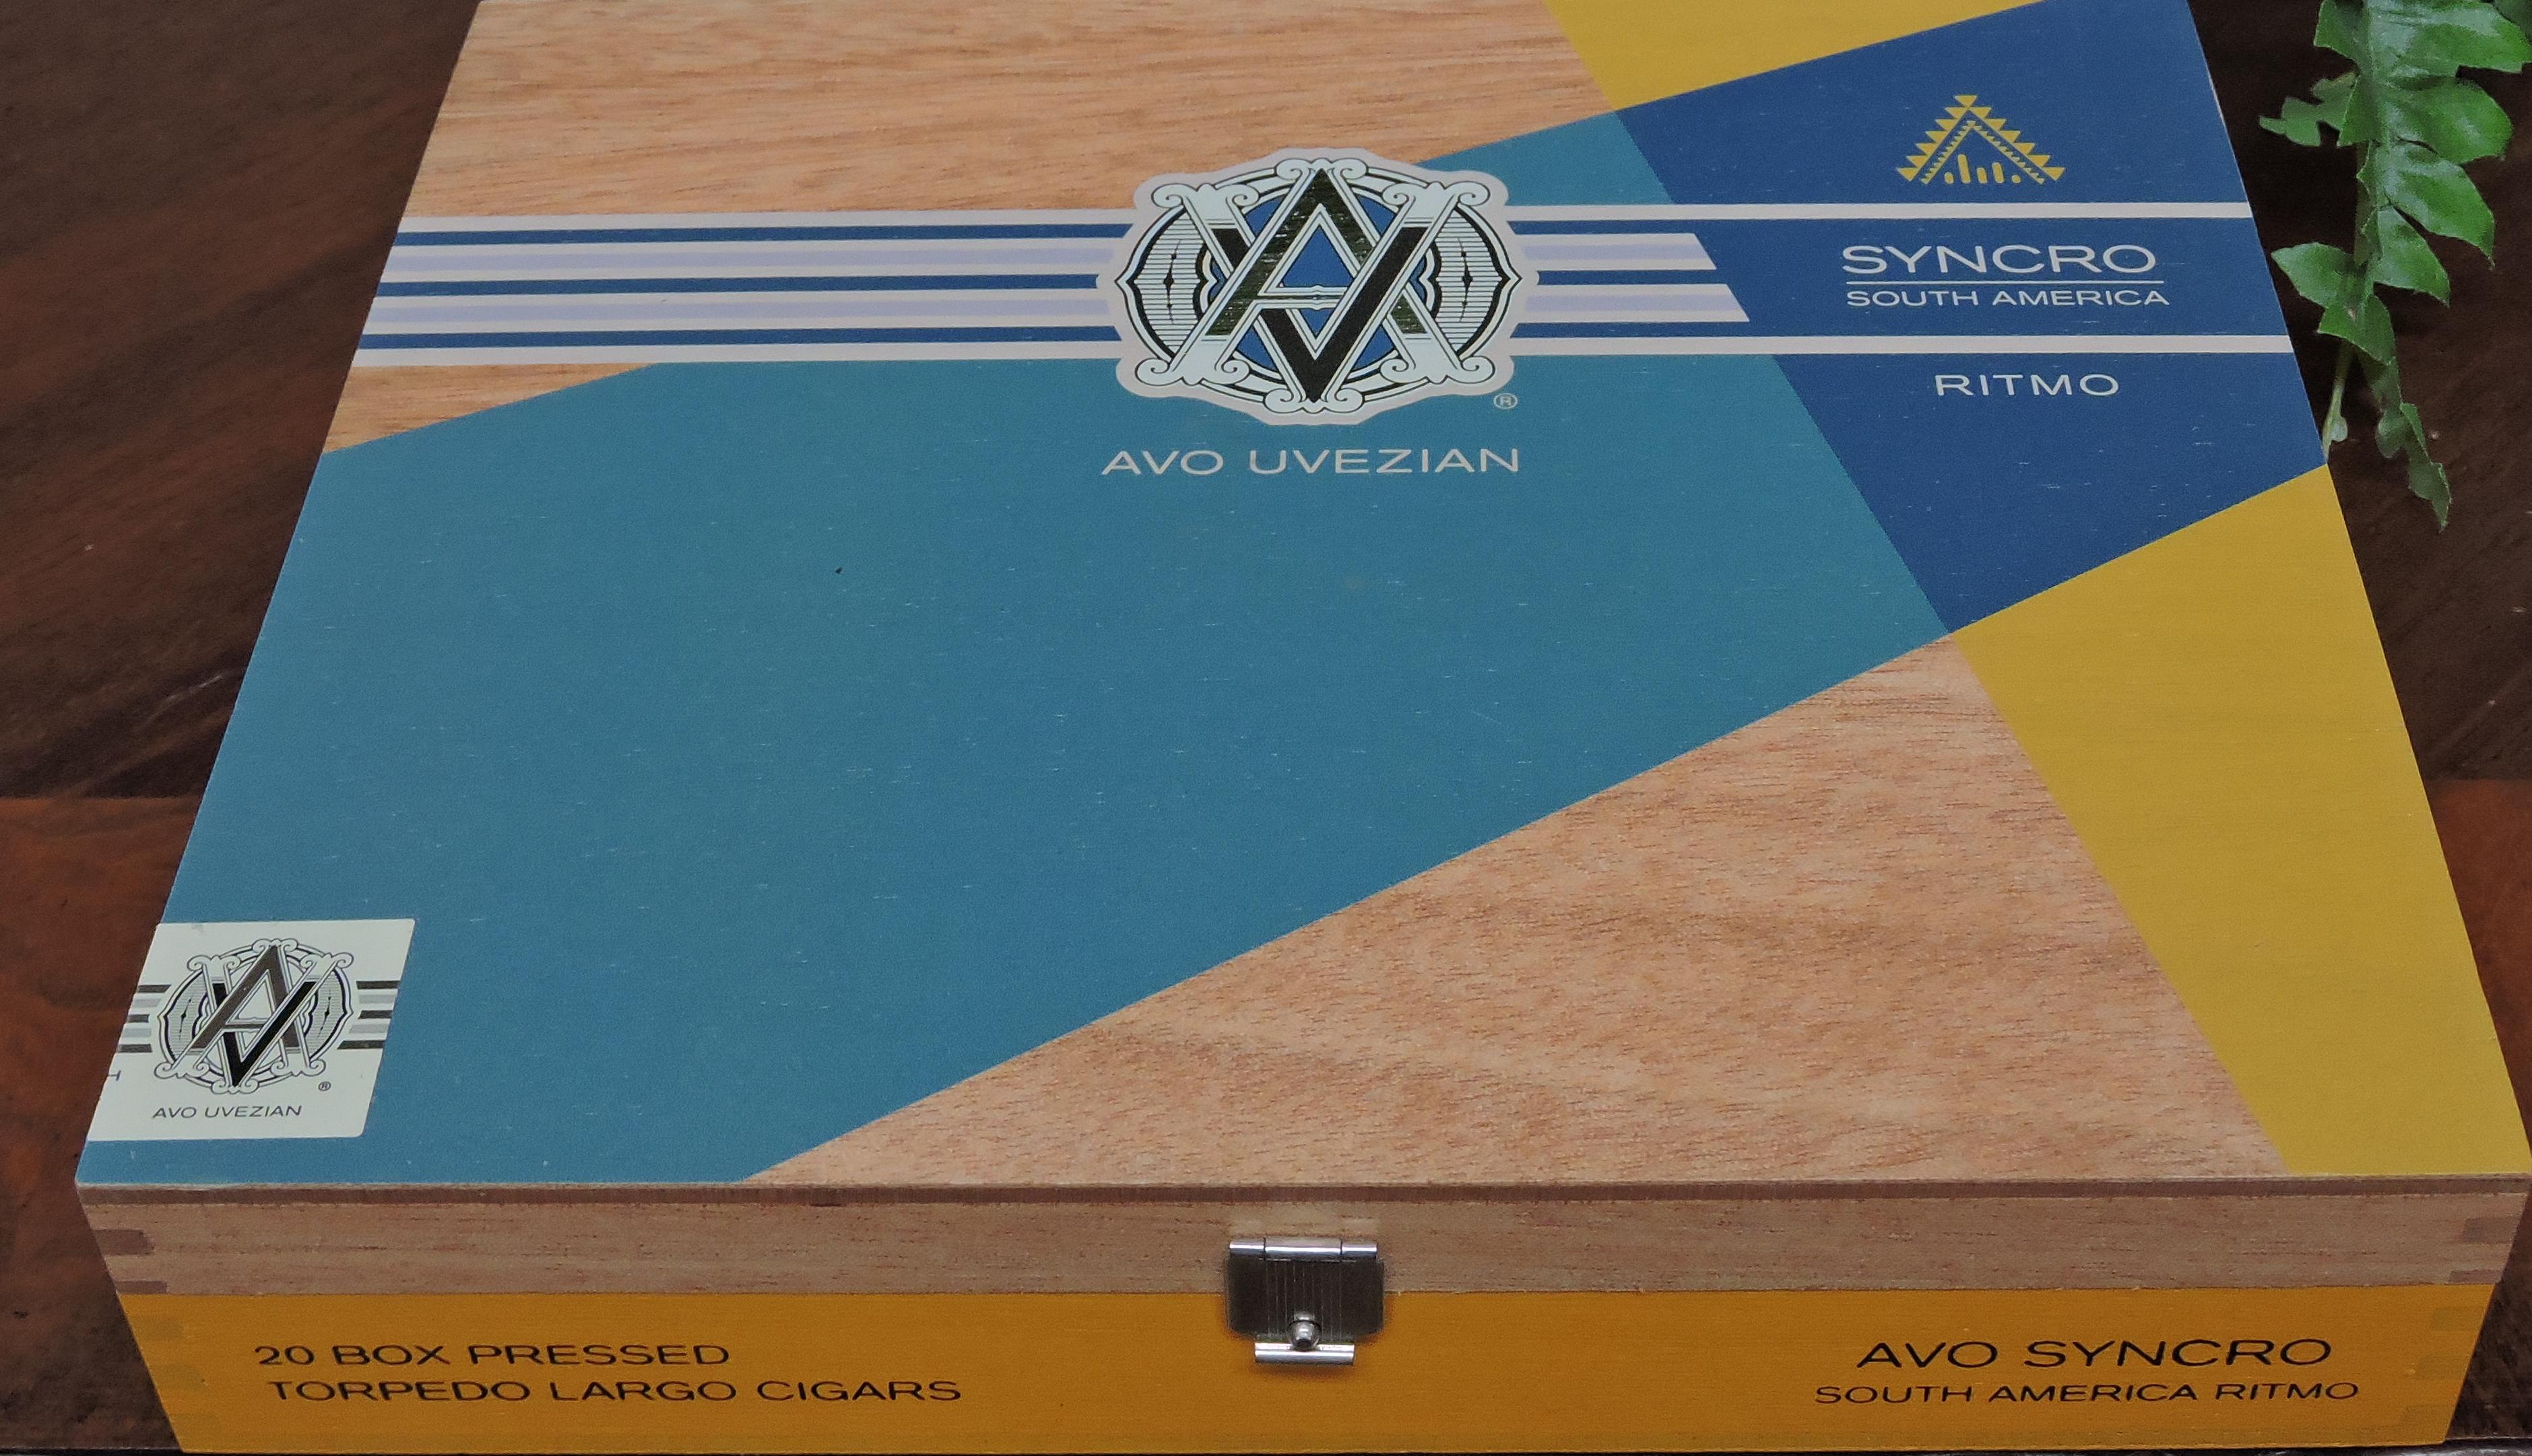 AVO Syncro South America Ritmo Torpedo Largo Closed Box